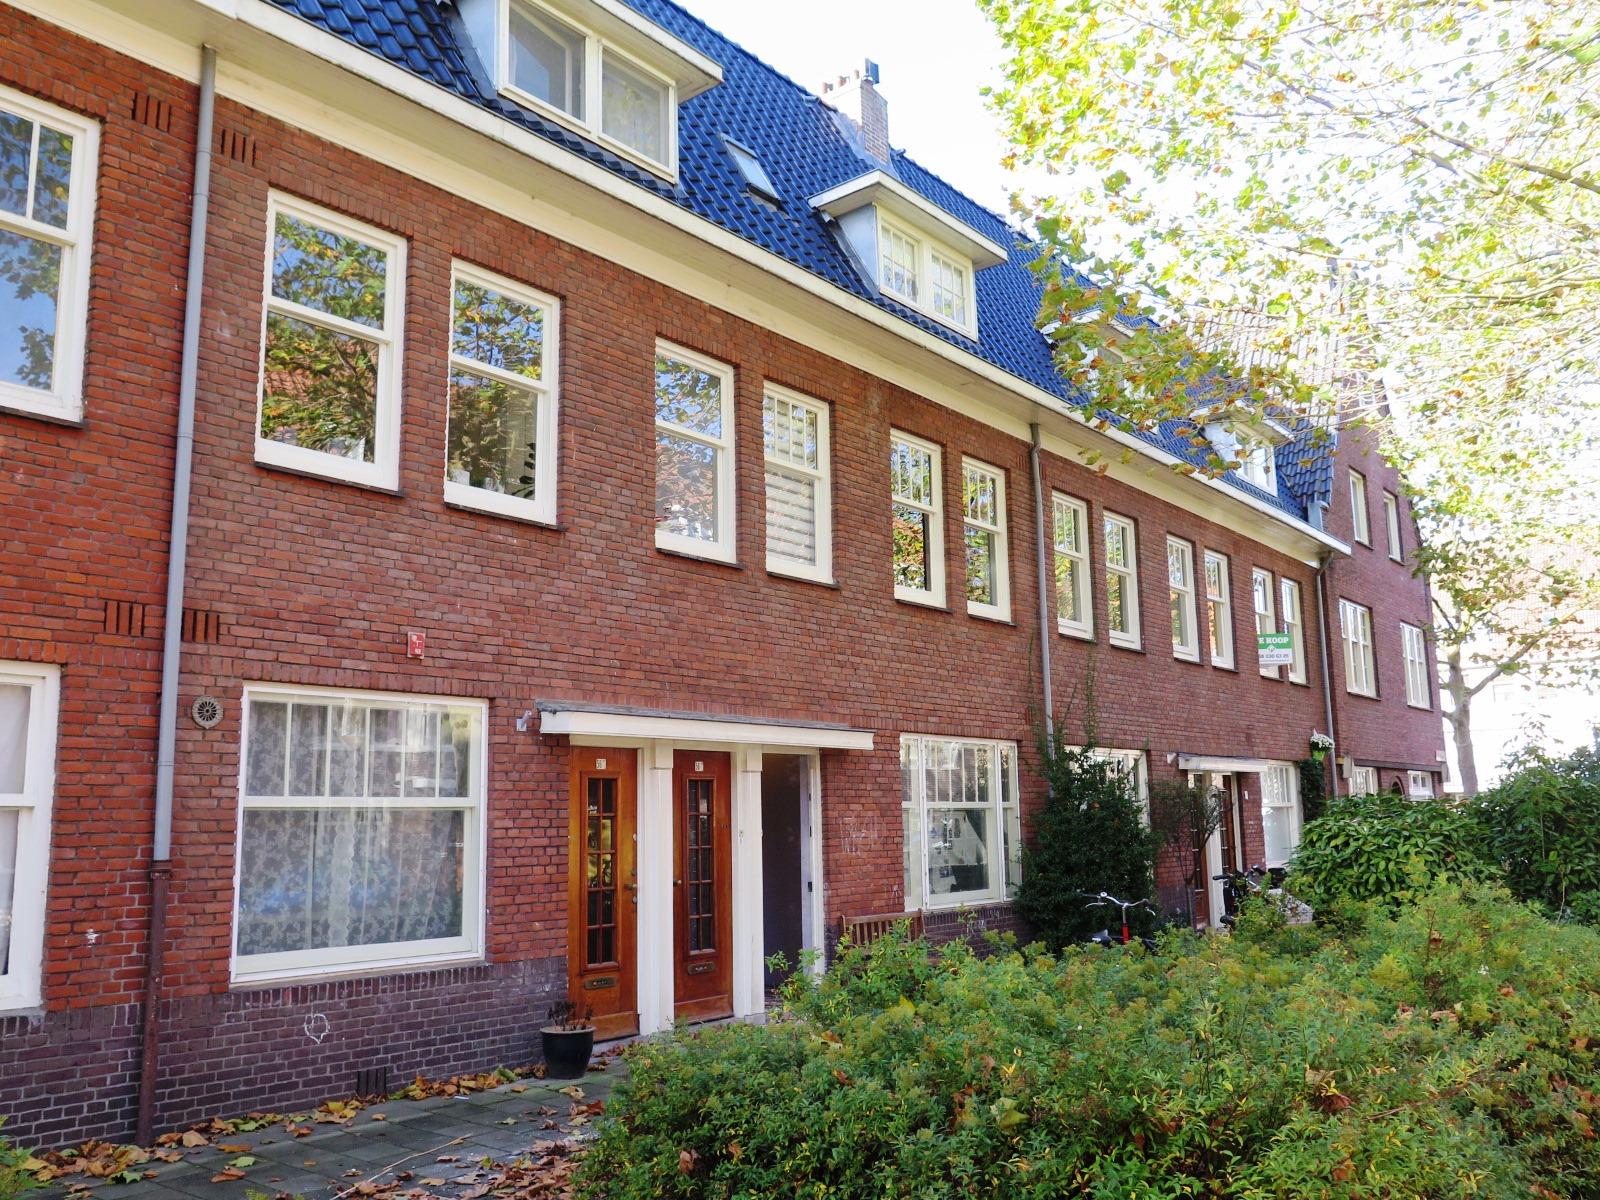 Johan Keplerstraat, Amsterdam